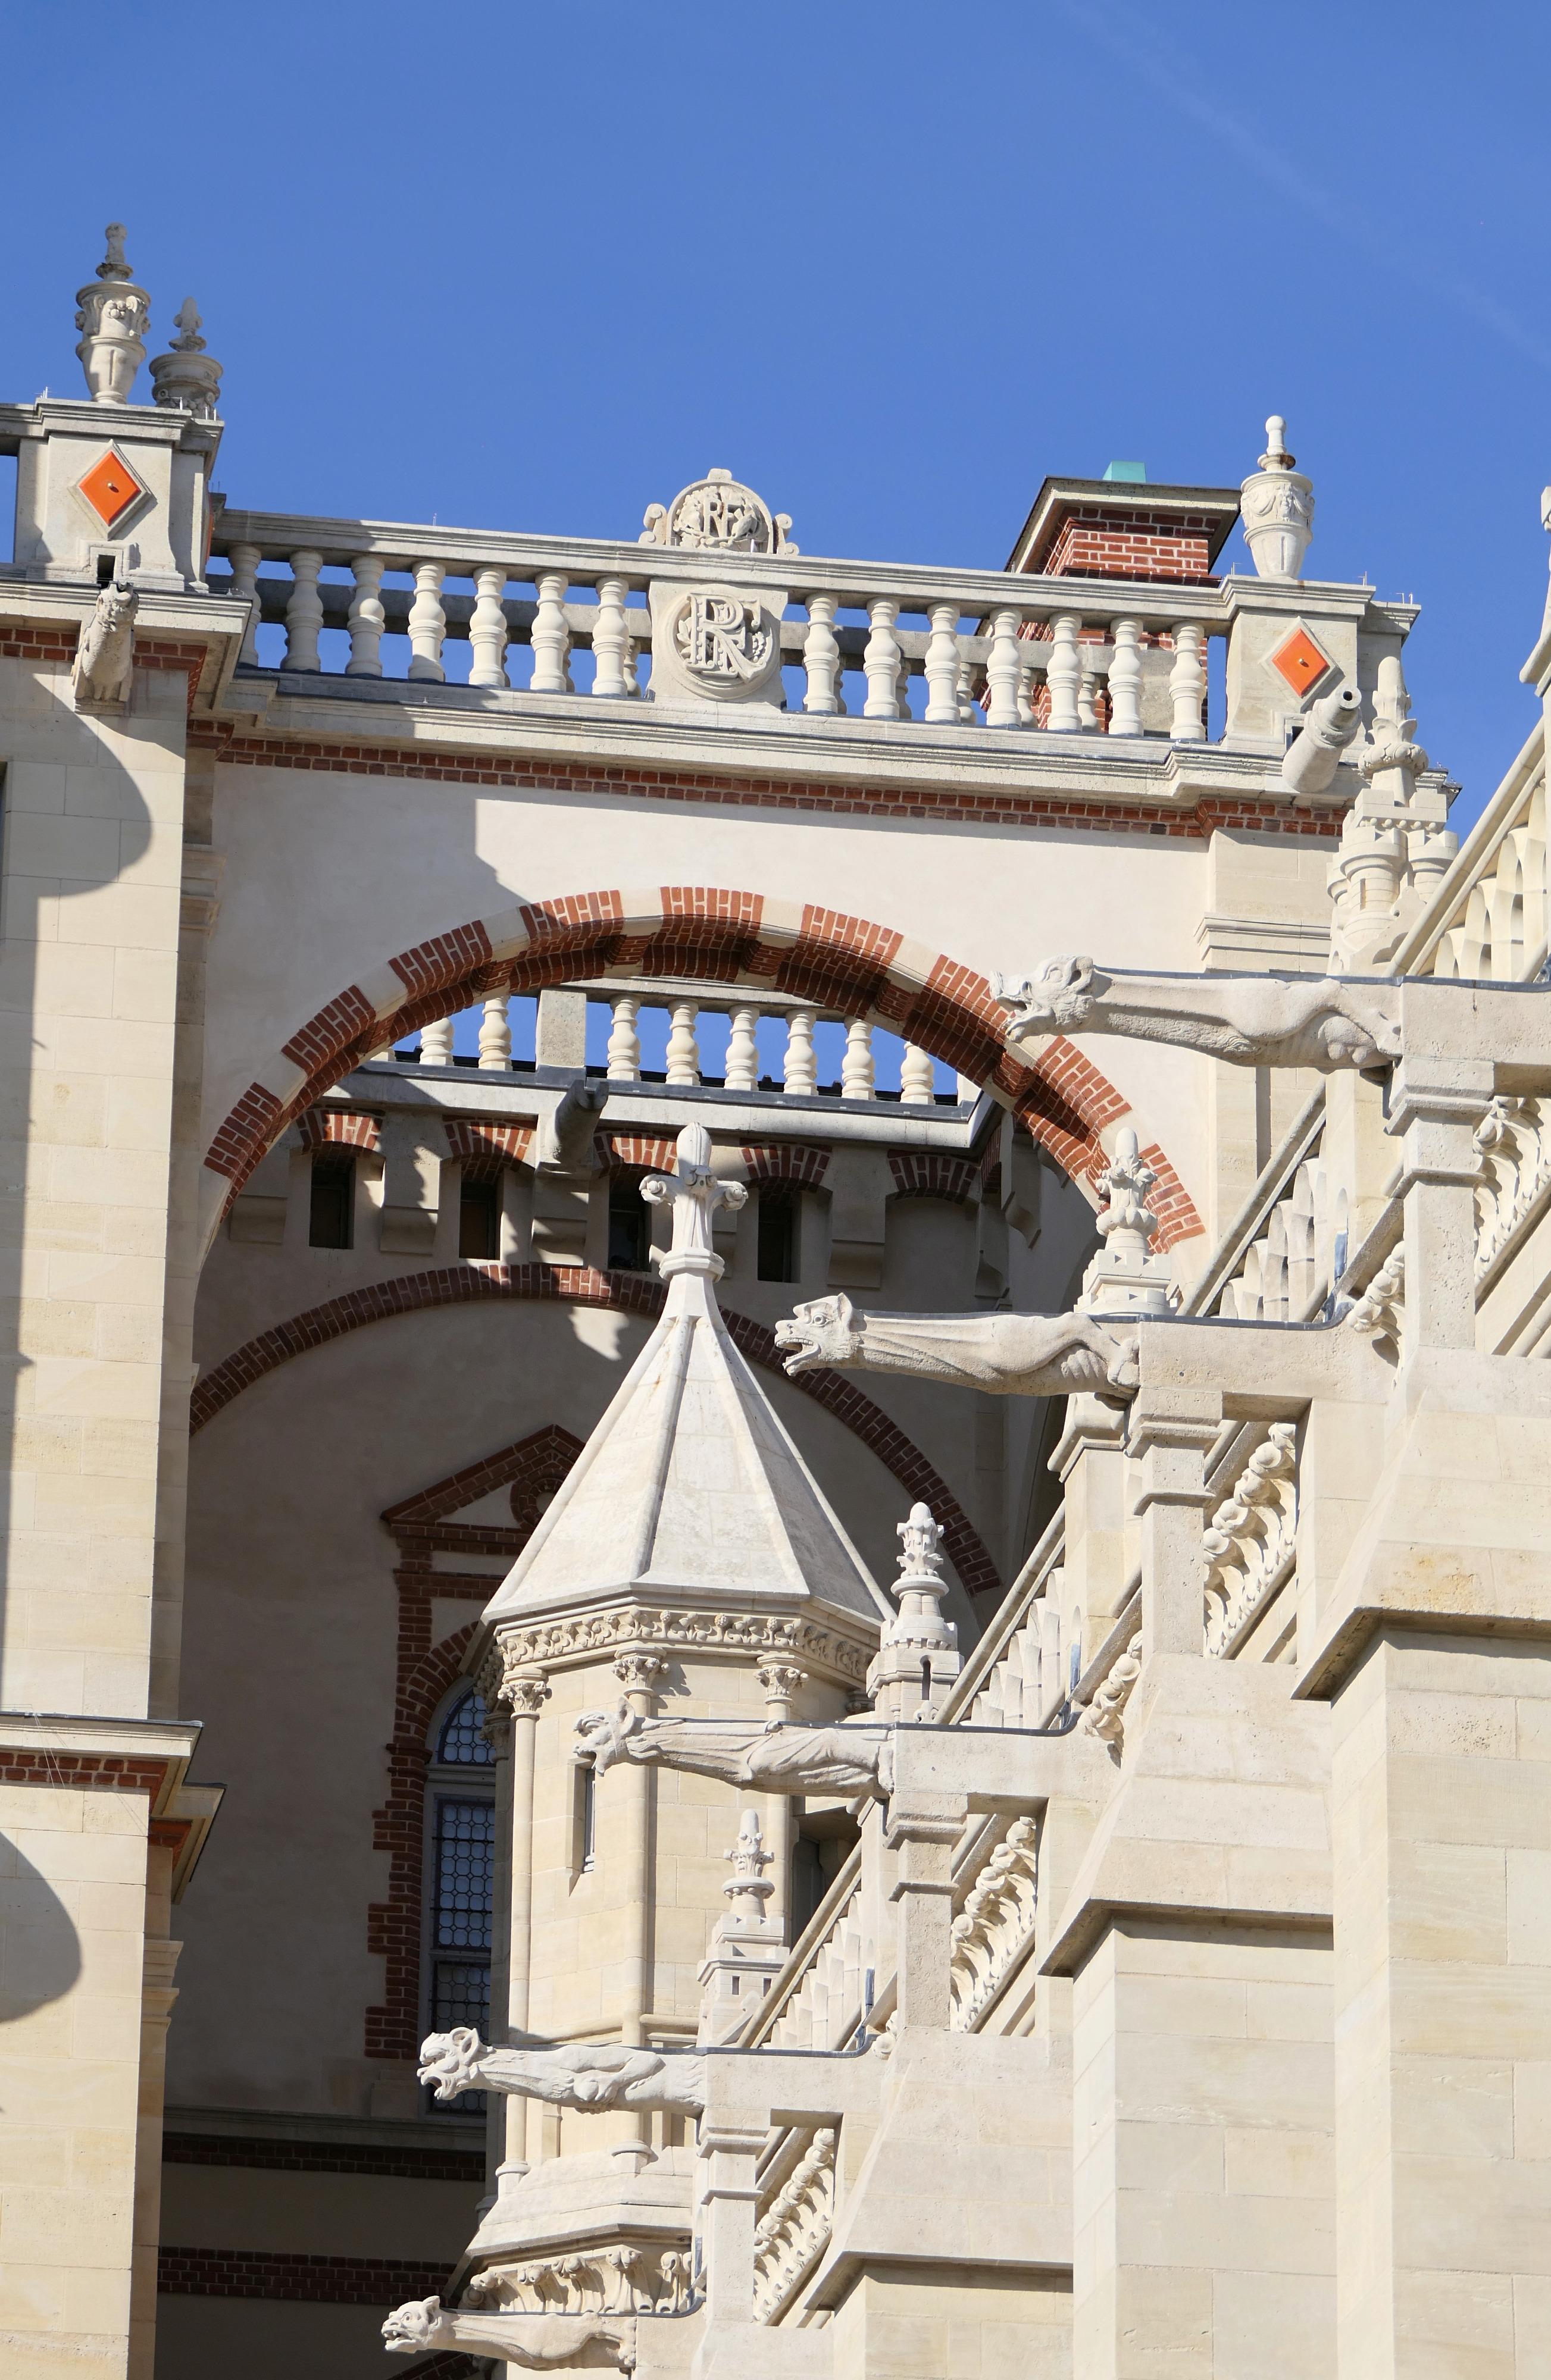 Petite tour au creux du Château de Saint Germain en Laye